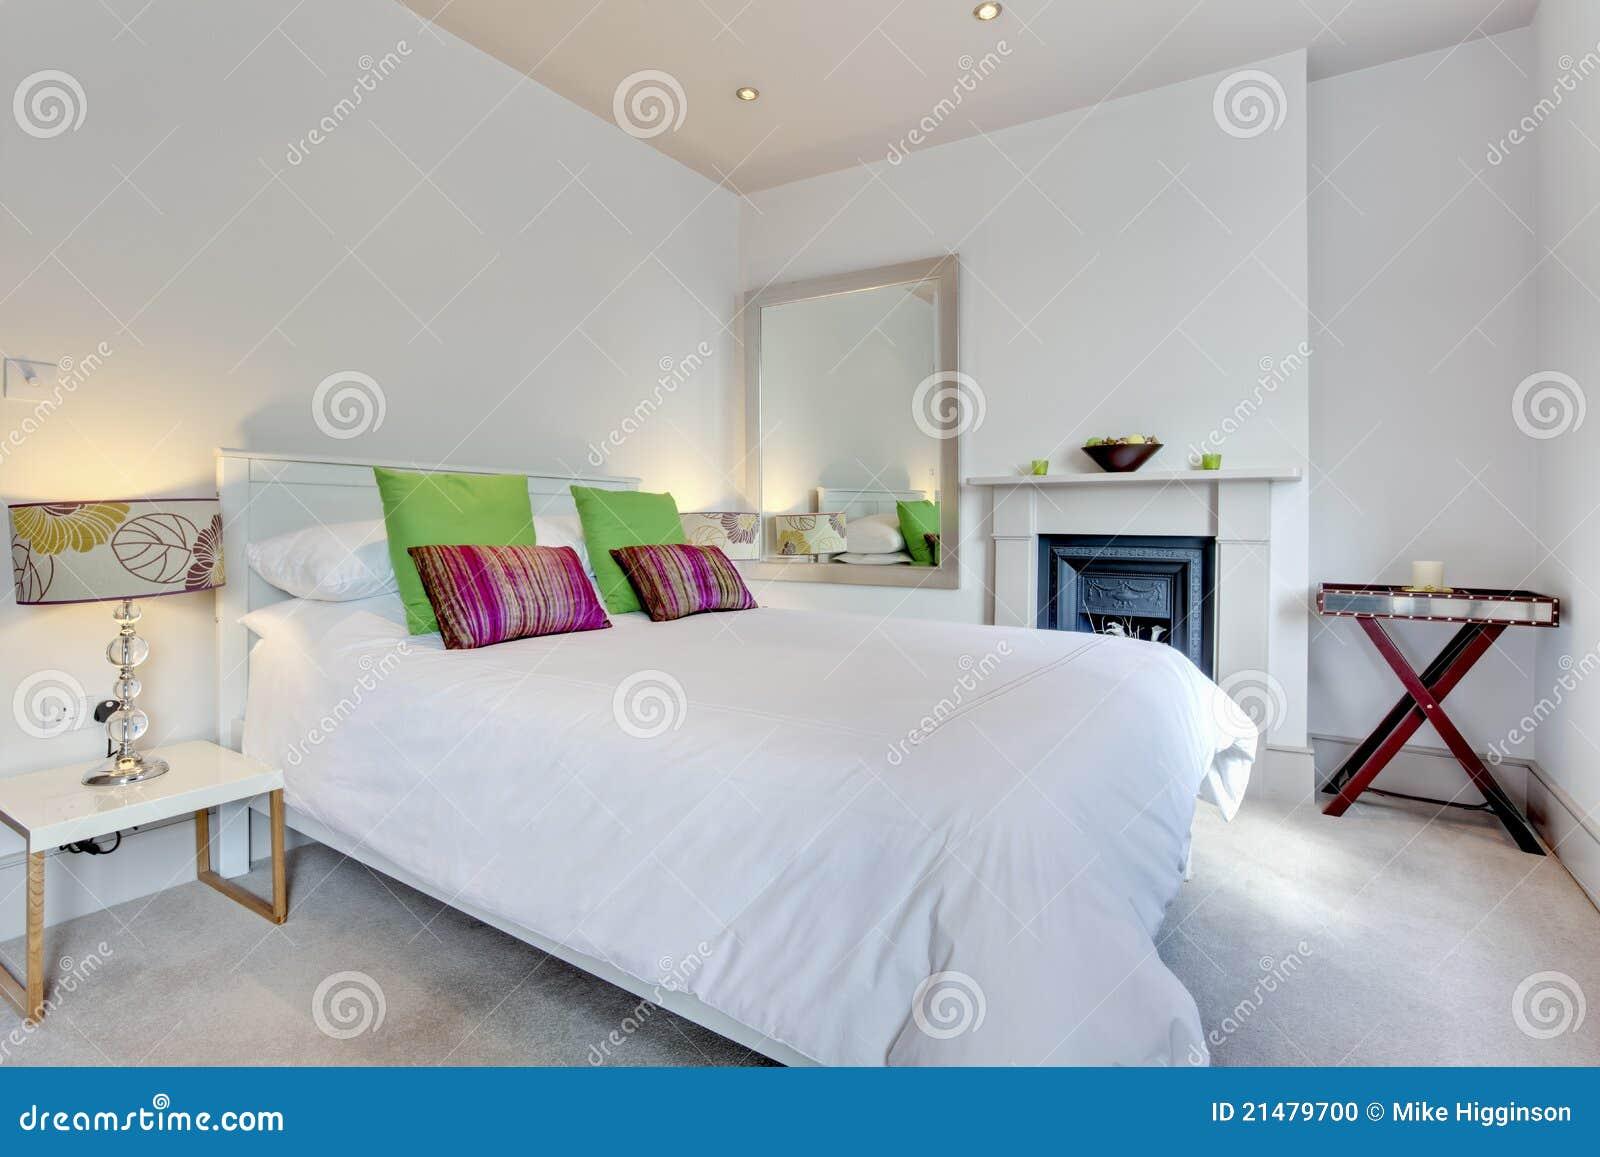 Dormitorio de lujo elegante moderno foto de archivo - Dormitorios de lujo ...